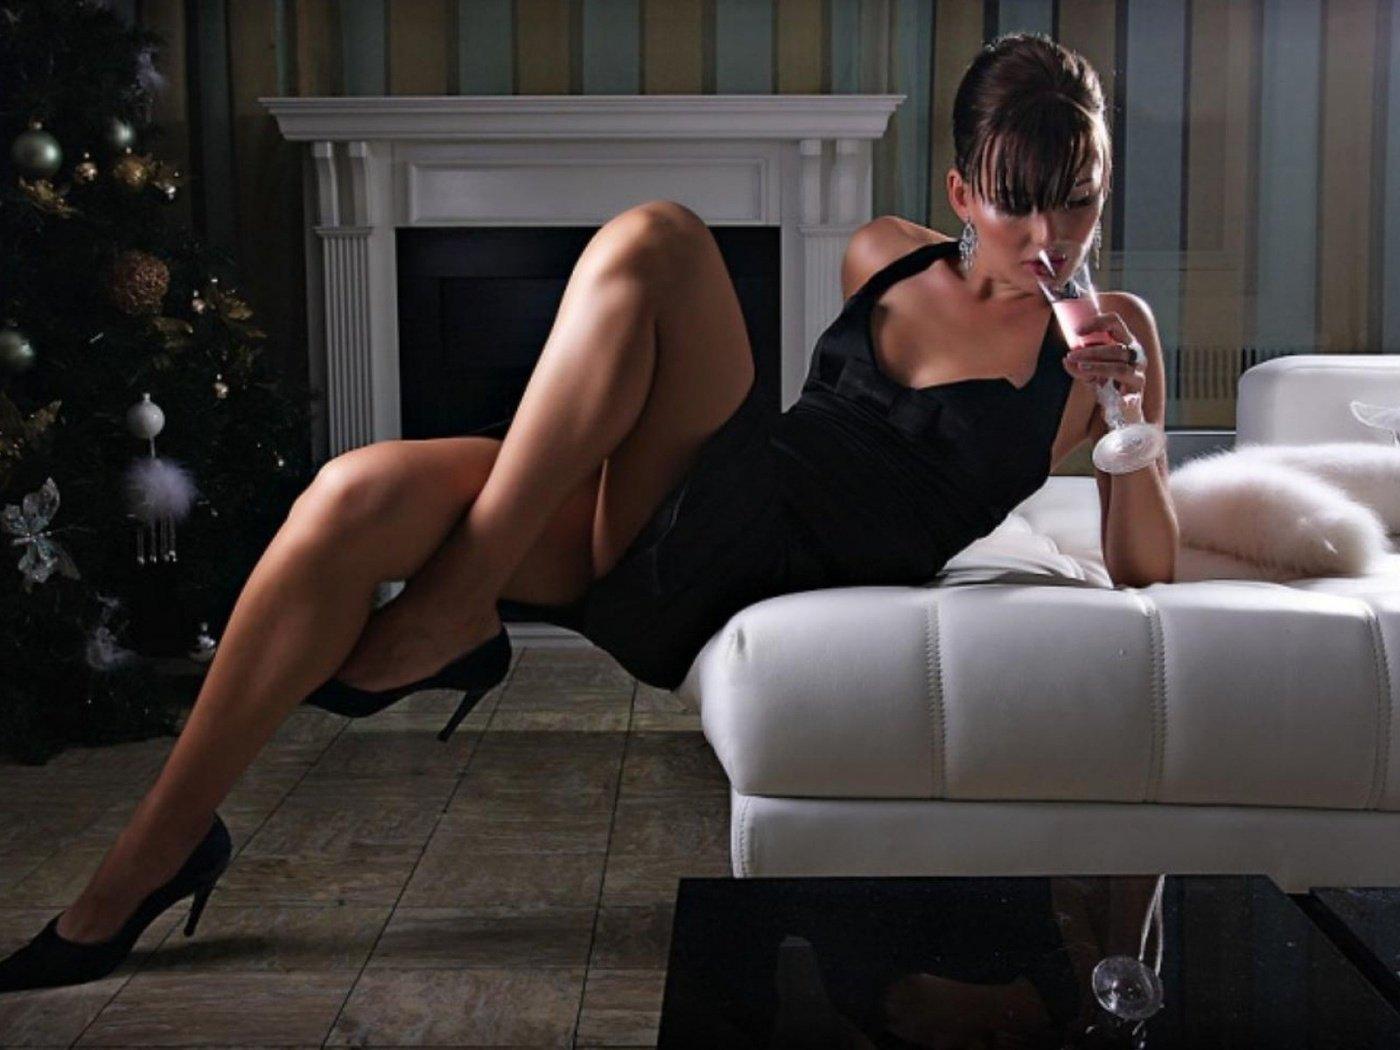 Секс через стену фото фото, Порно через дырку в стене. Фото в туалете 27 фотография